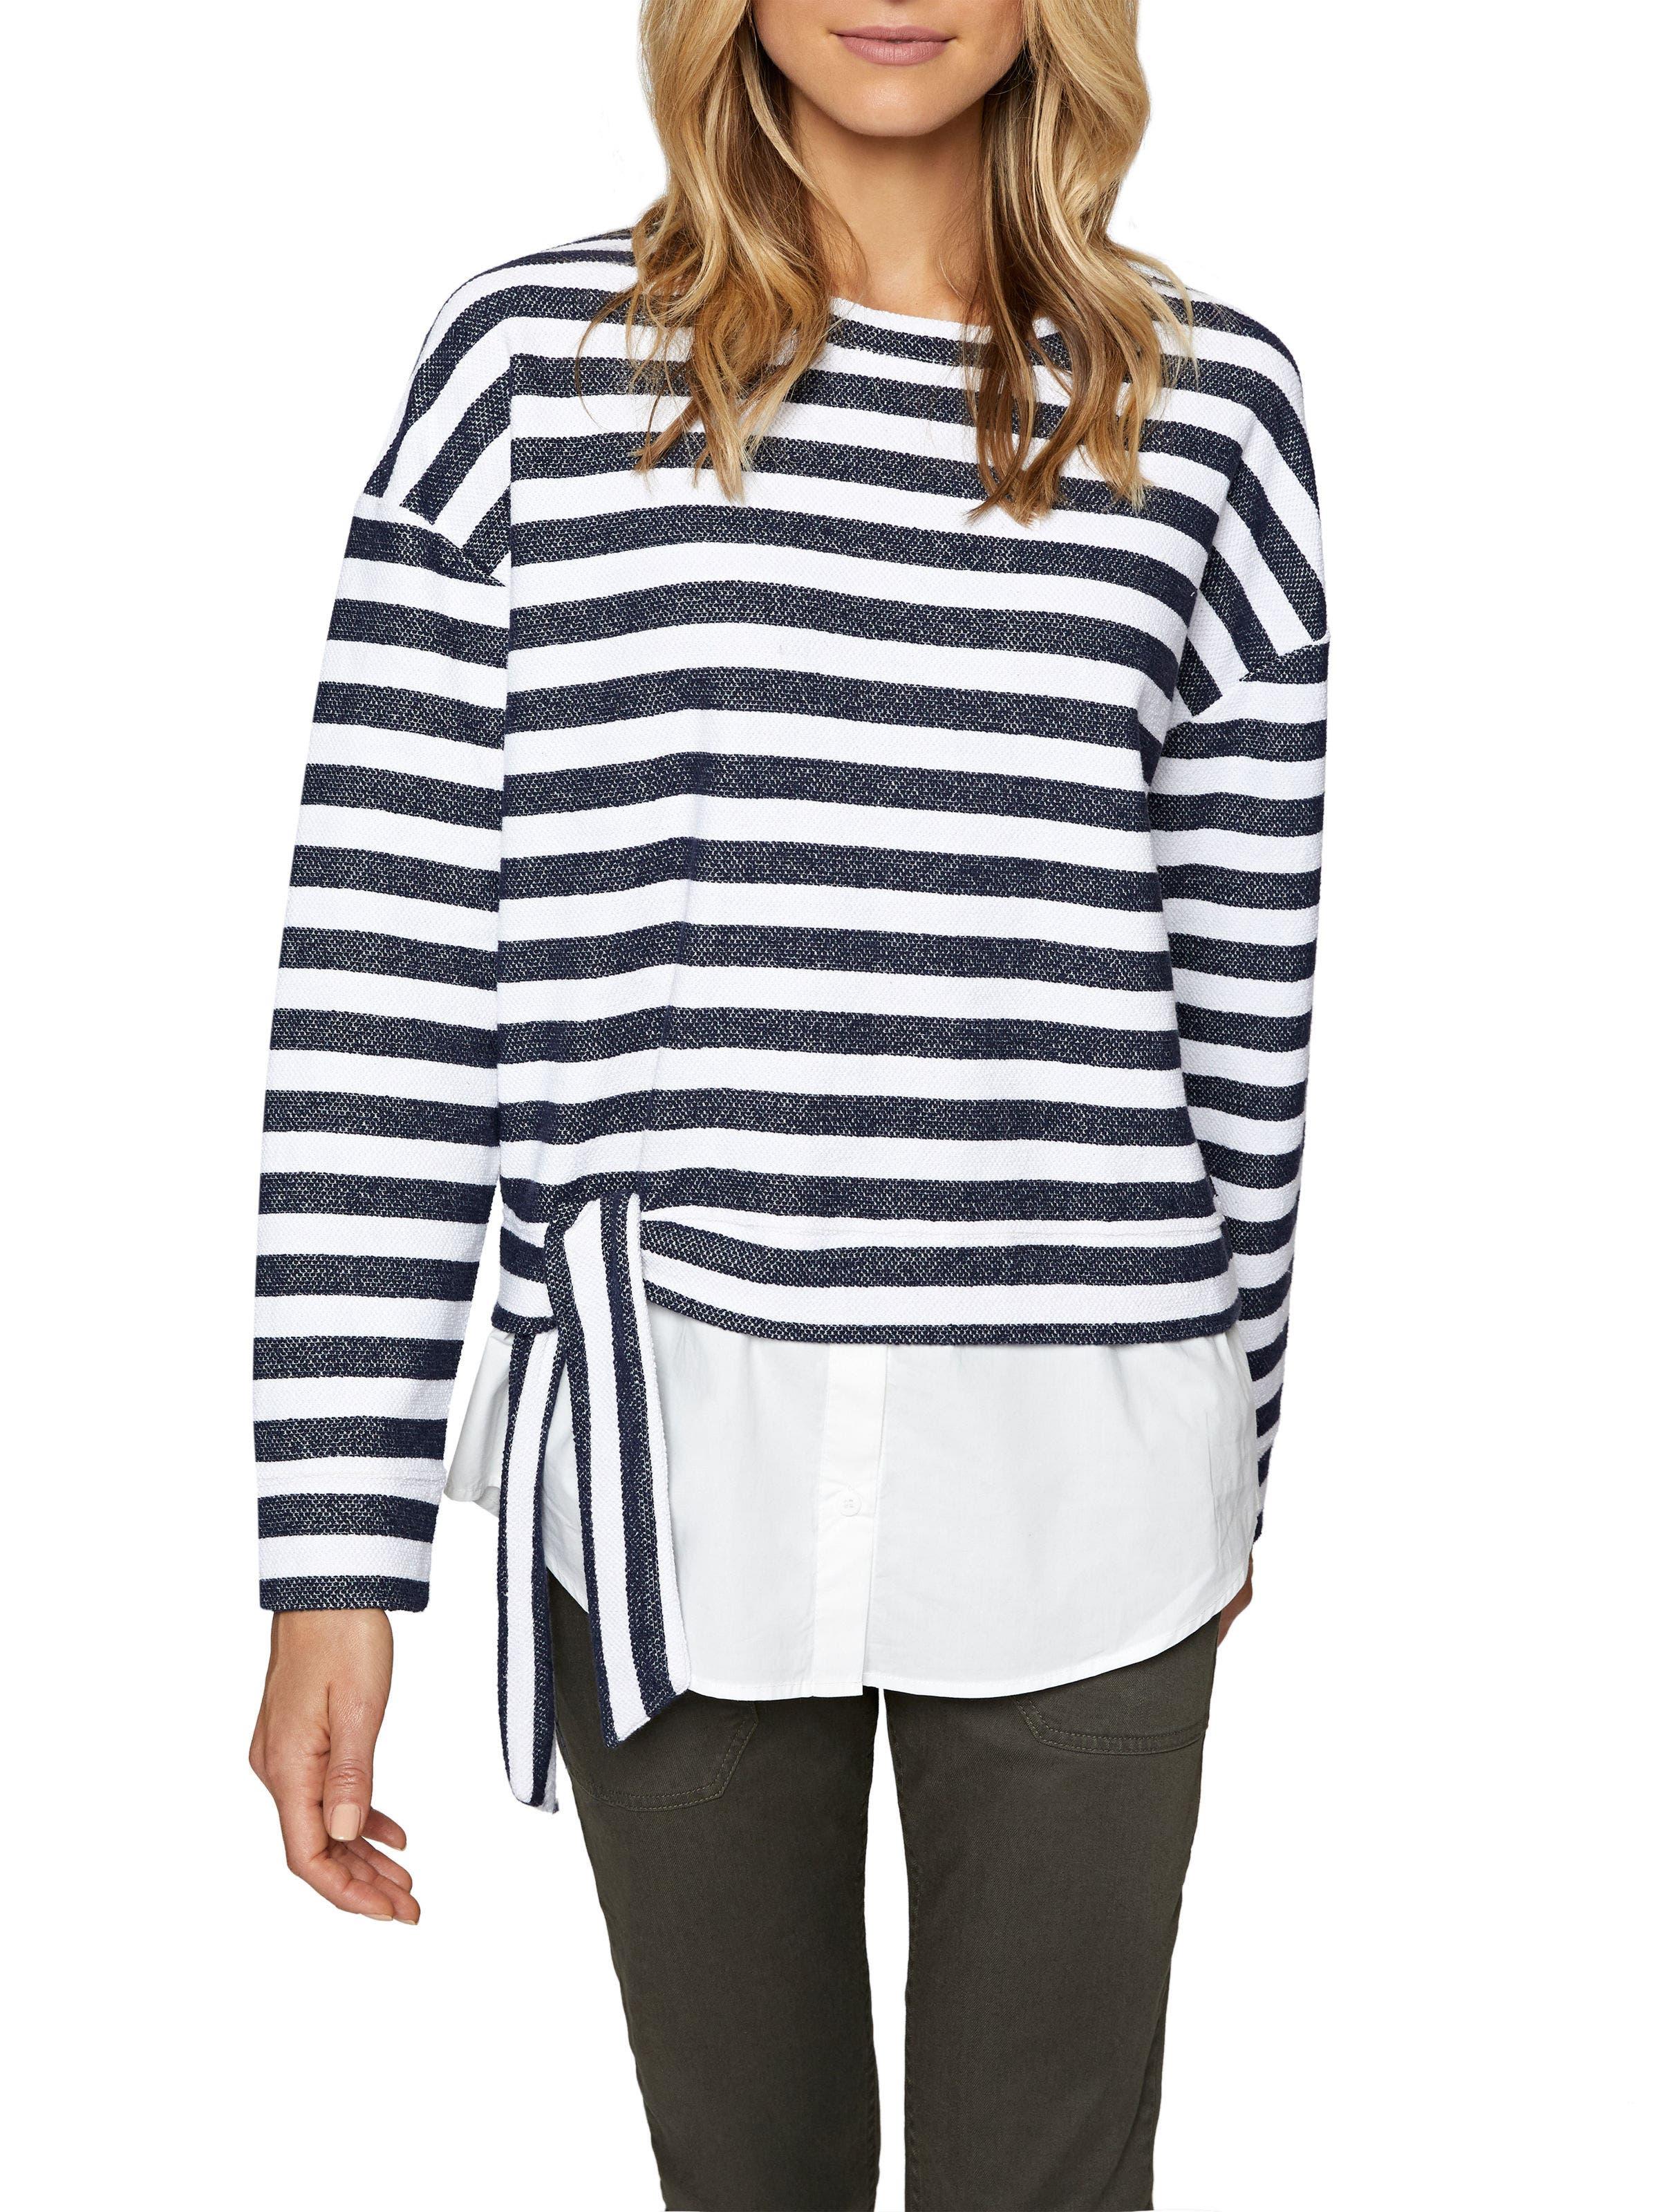 Ally Layered Look Sweatshirt,                             Main thumbnail 2, color,